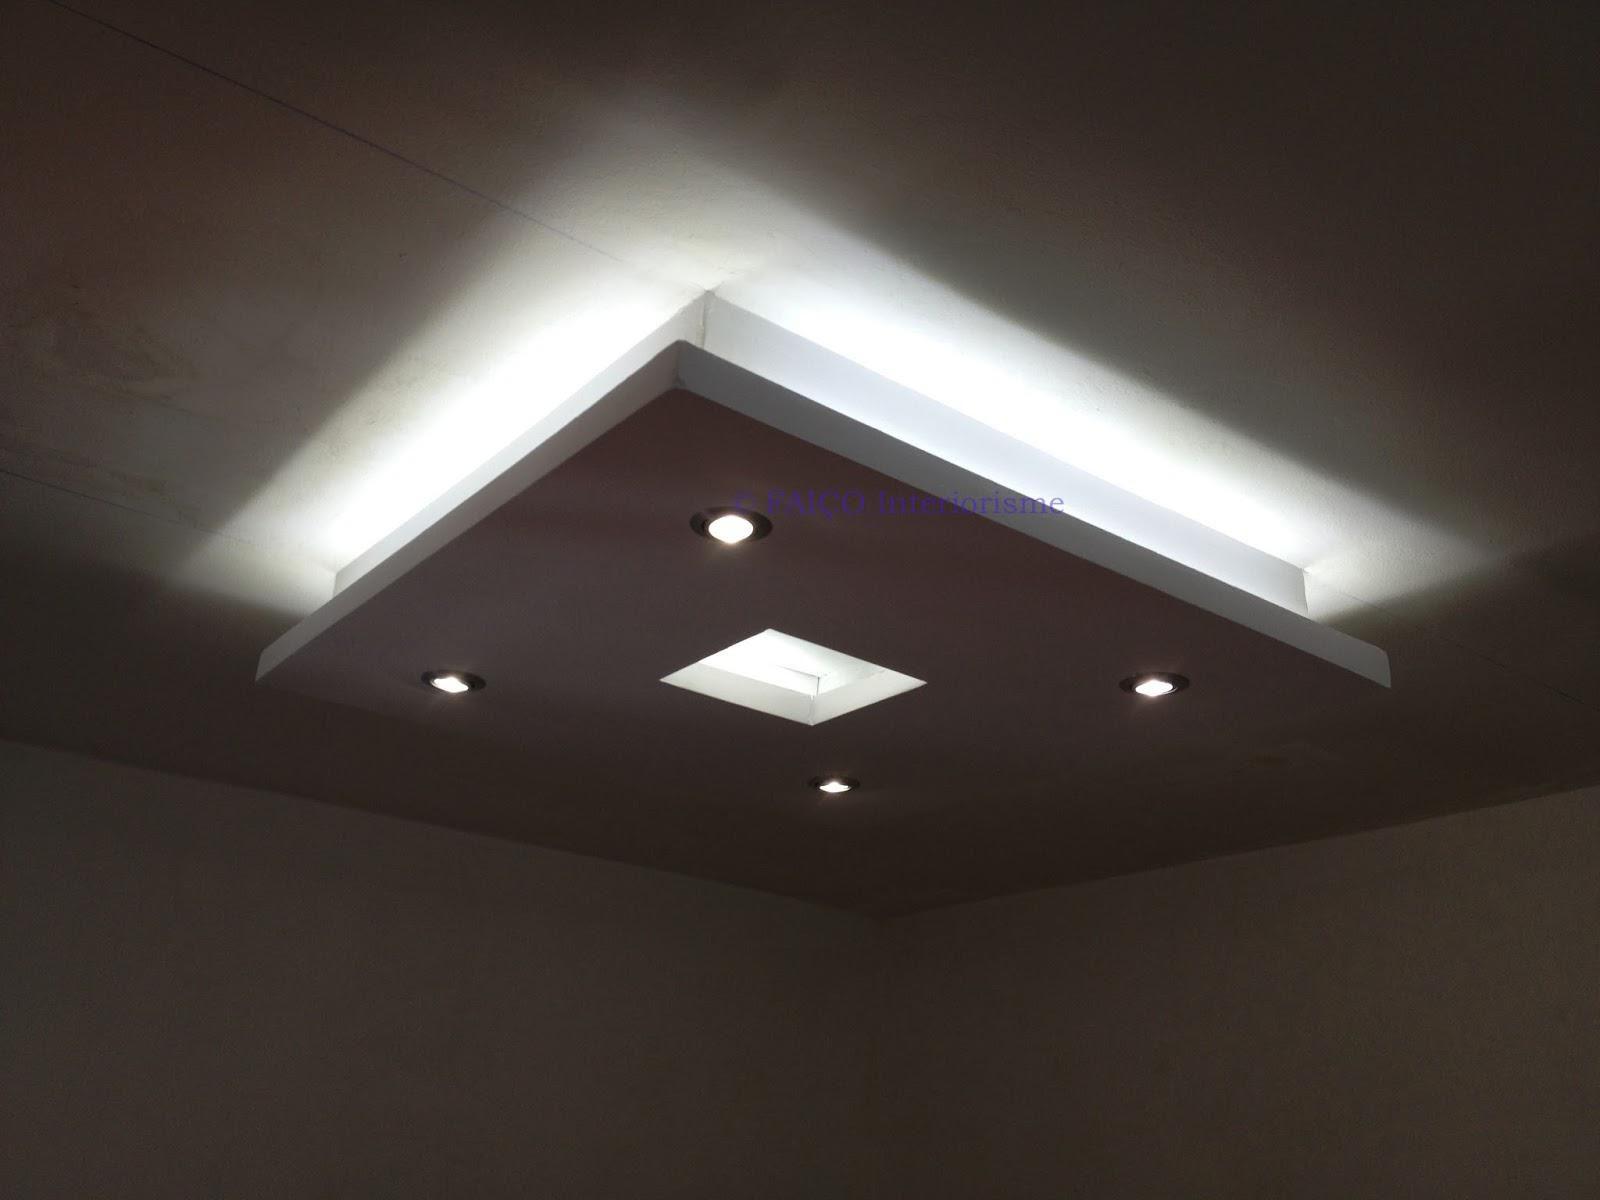 Sistemas de iluminacion led - Iluminacion indirecta led ...